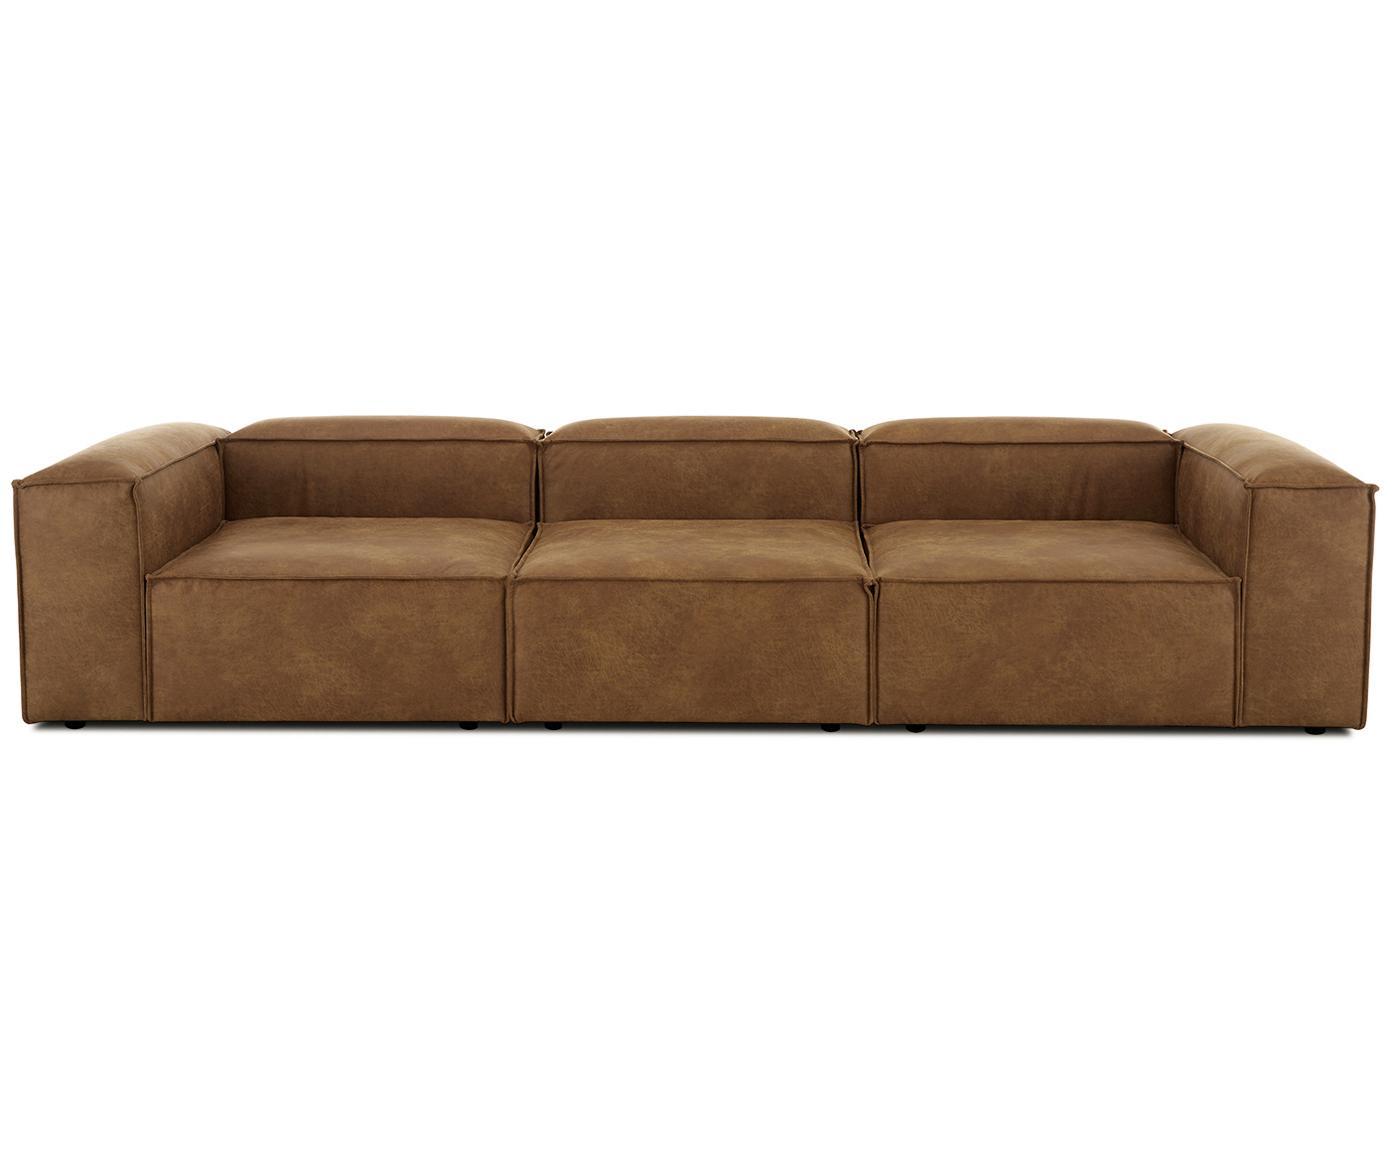 Sofa modułowa ze skóry Lennon (4-osobowa), Tapicerka: 70% skóra, 30% poliester , Stelaż: lite drewno sosnowe, płyt, Nogi: tworzywo sztuczne, Brązowy, S 326 x G 119 cm